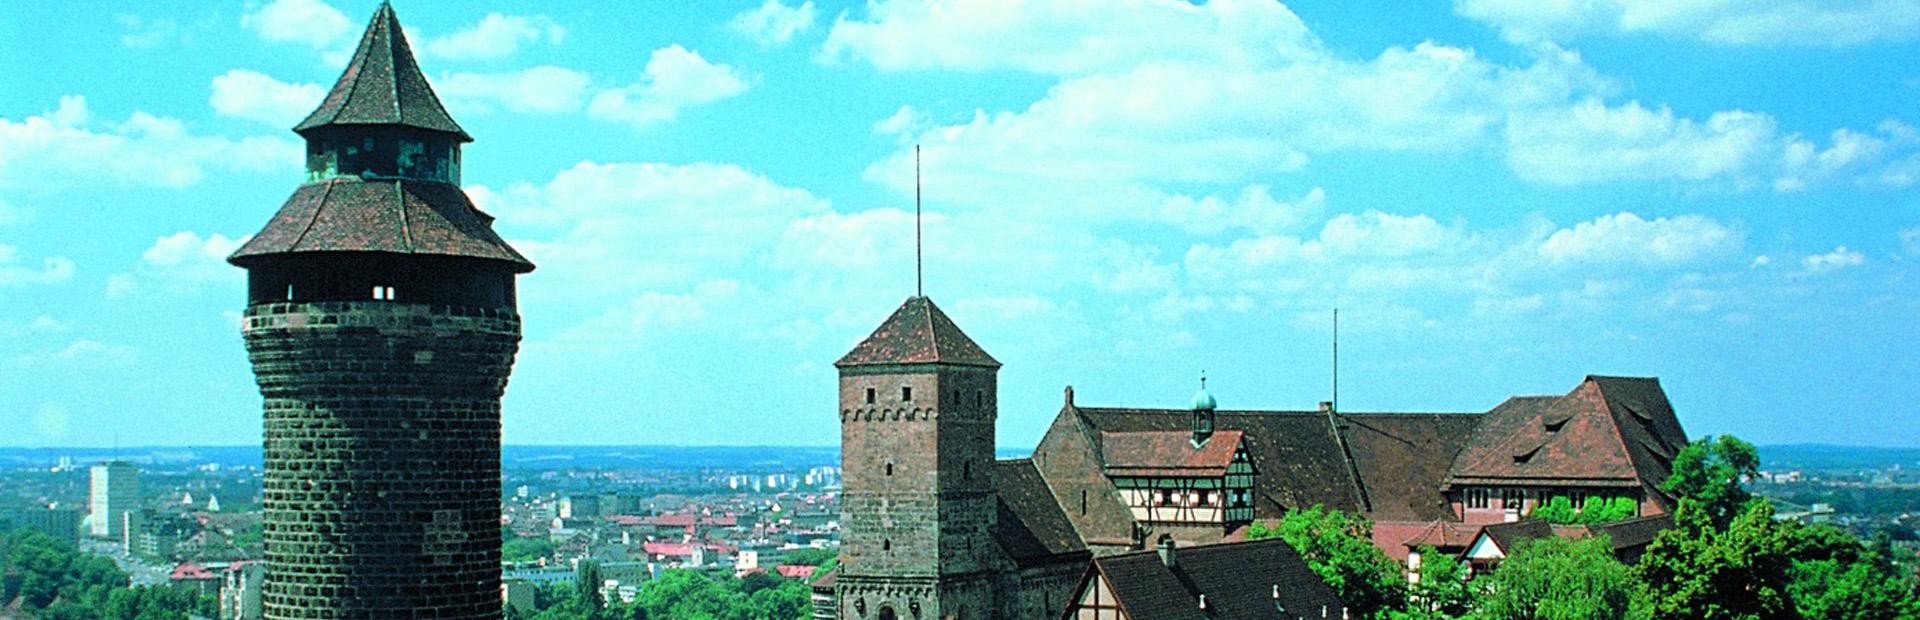 Nuremberg slide